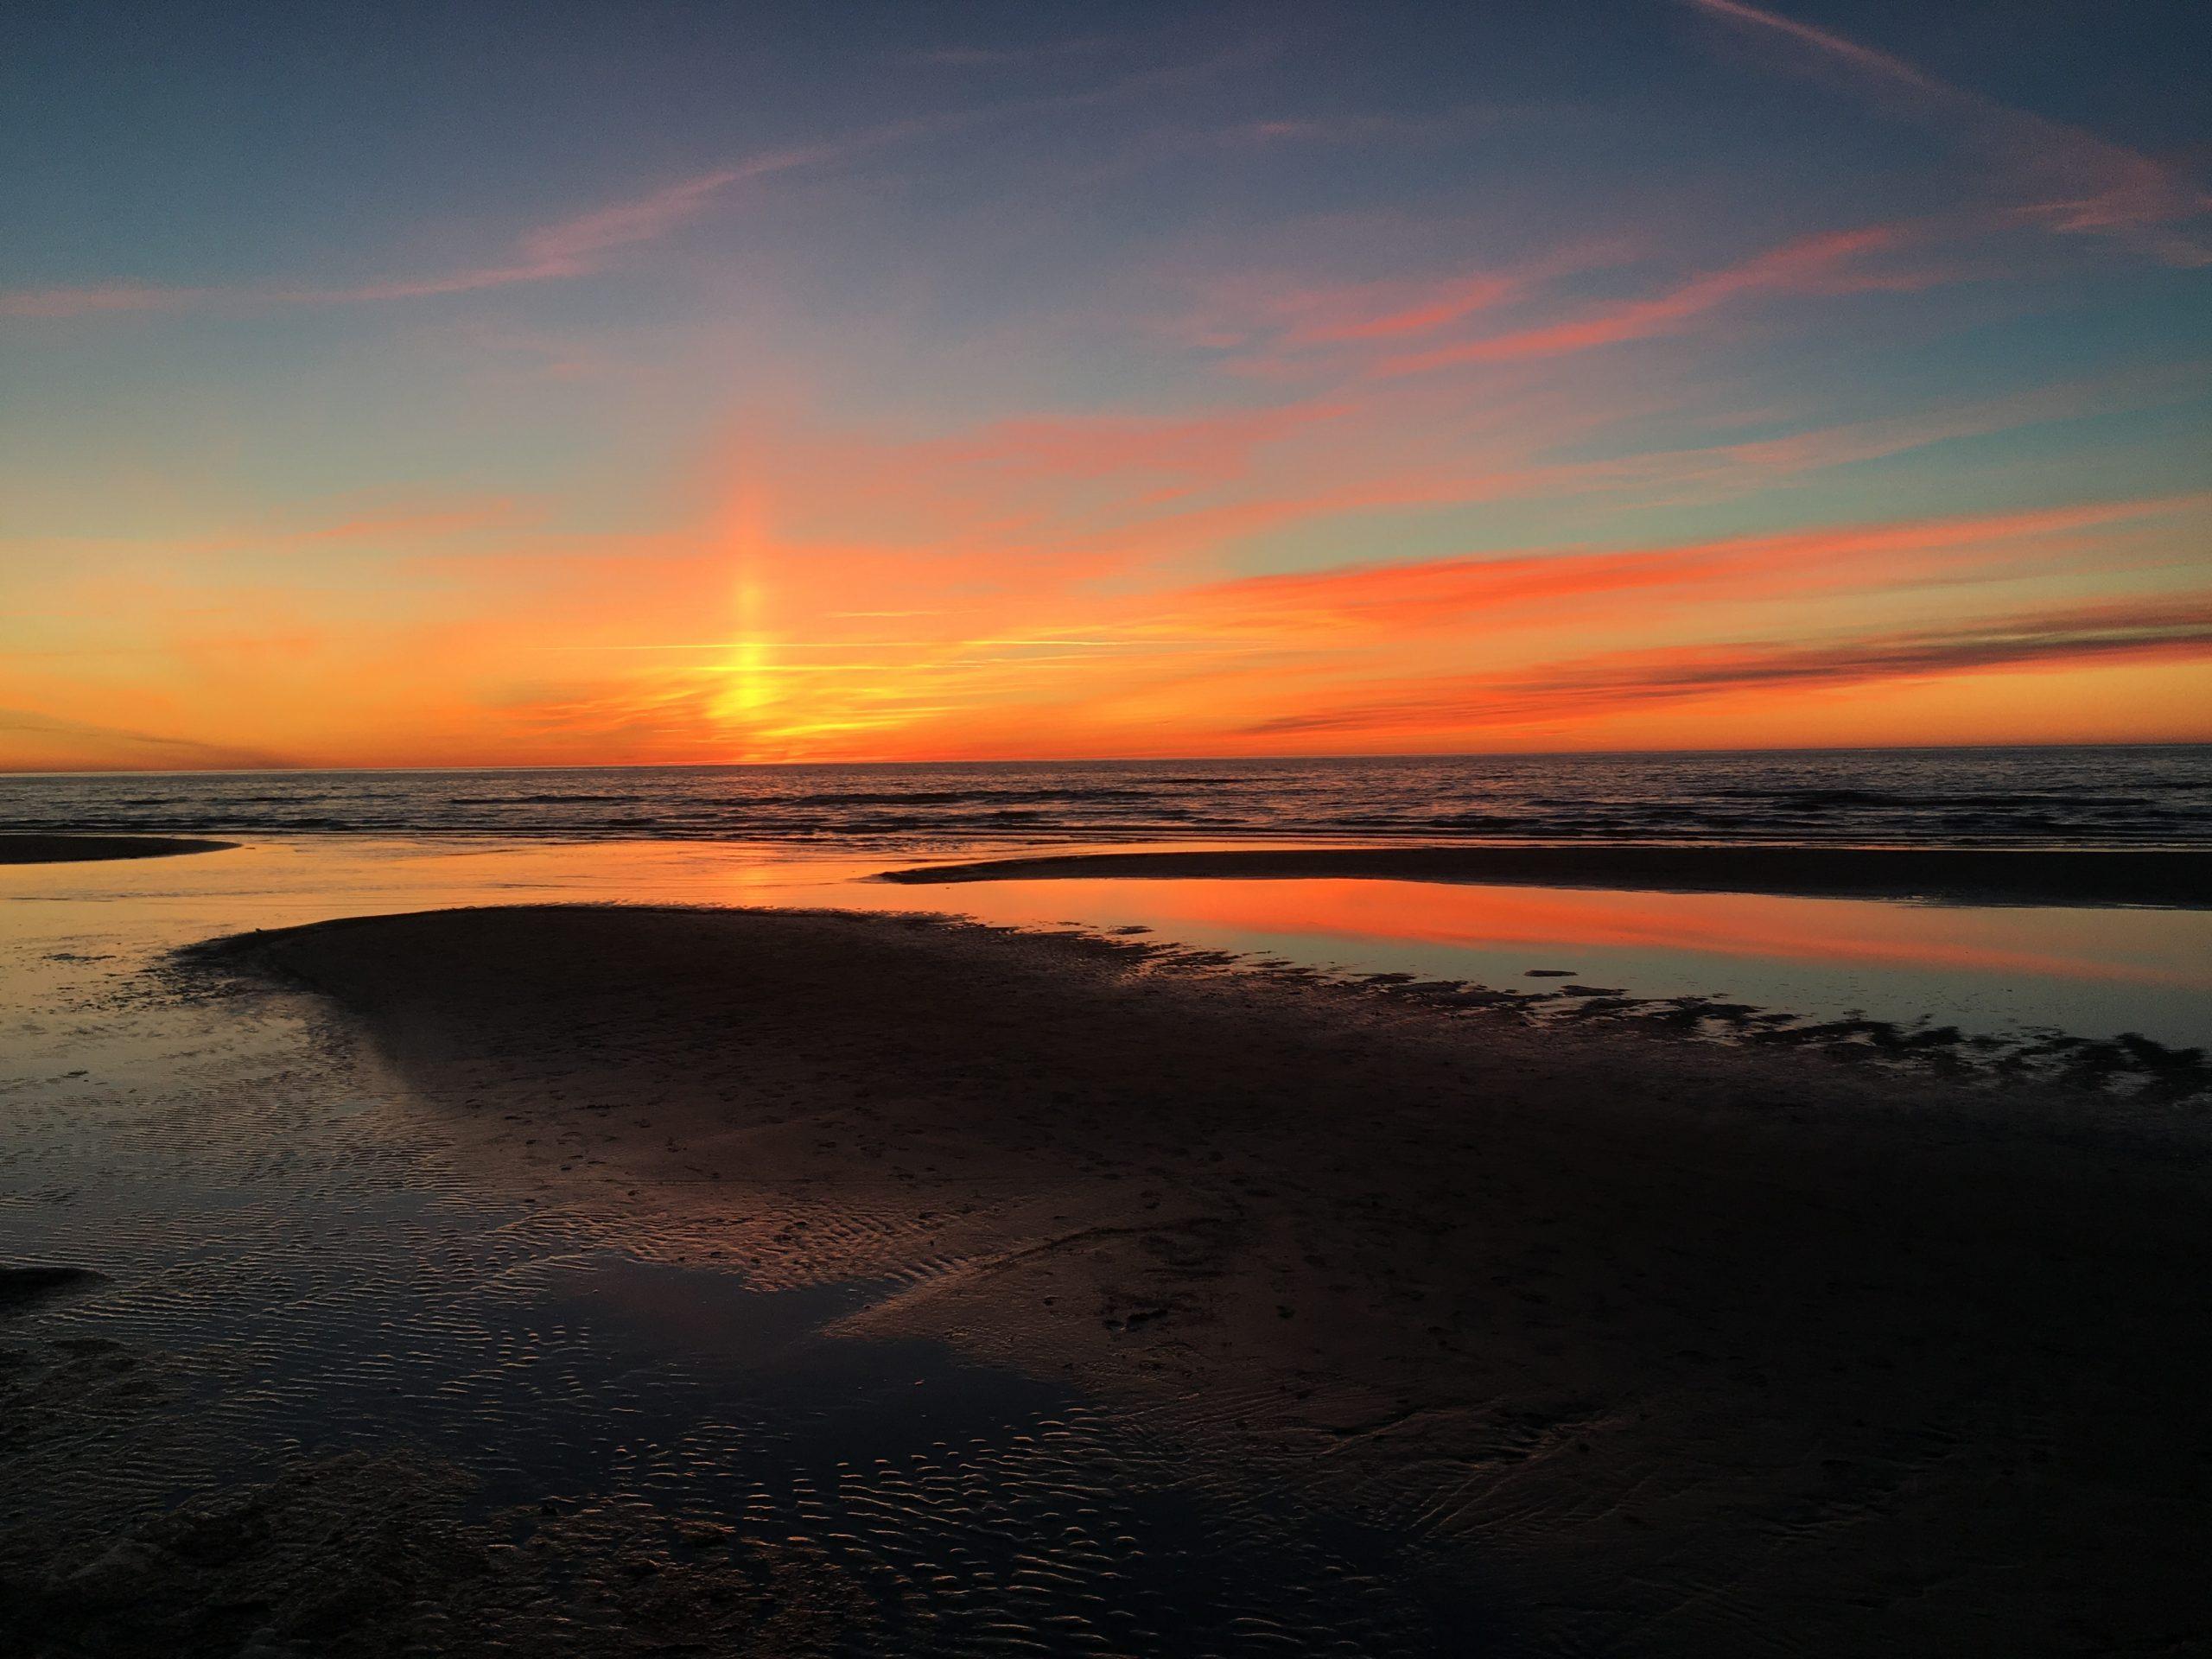 Море берег Юрмала Латвия пейзажи природы Альберт Сафиуллин